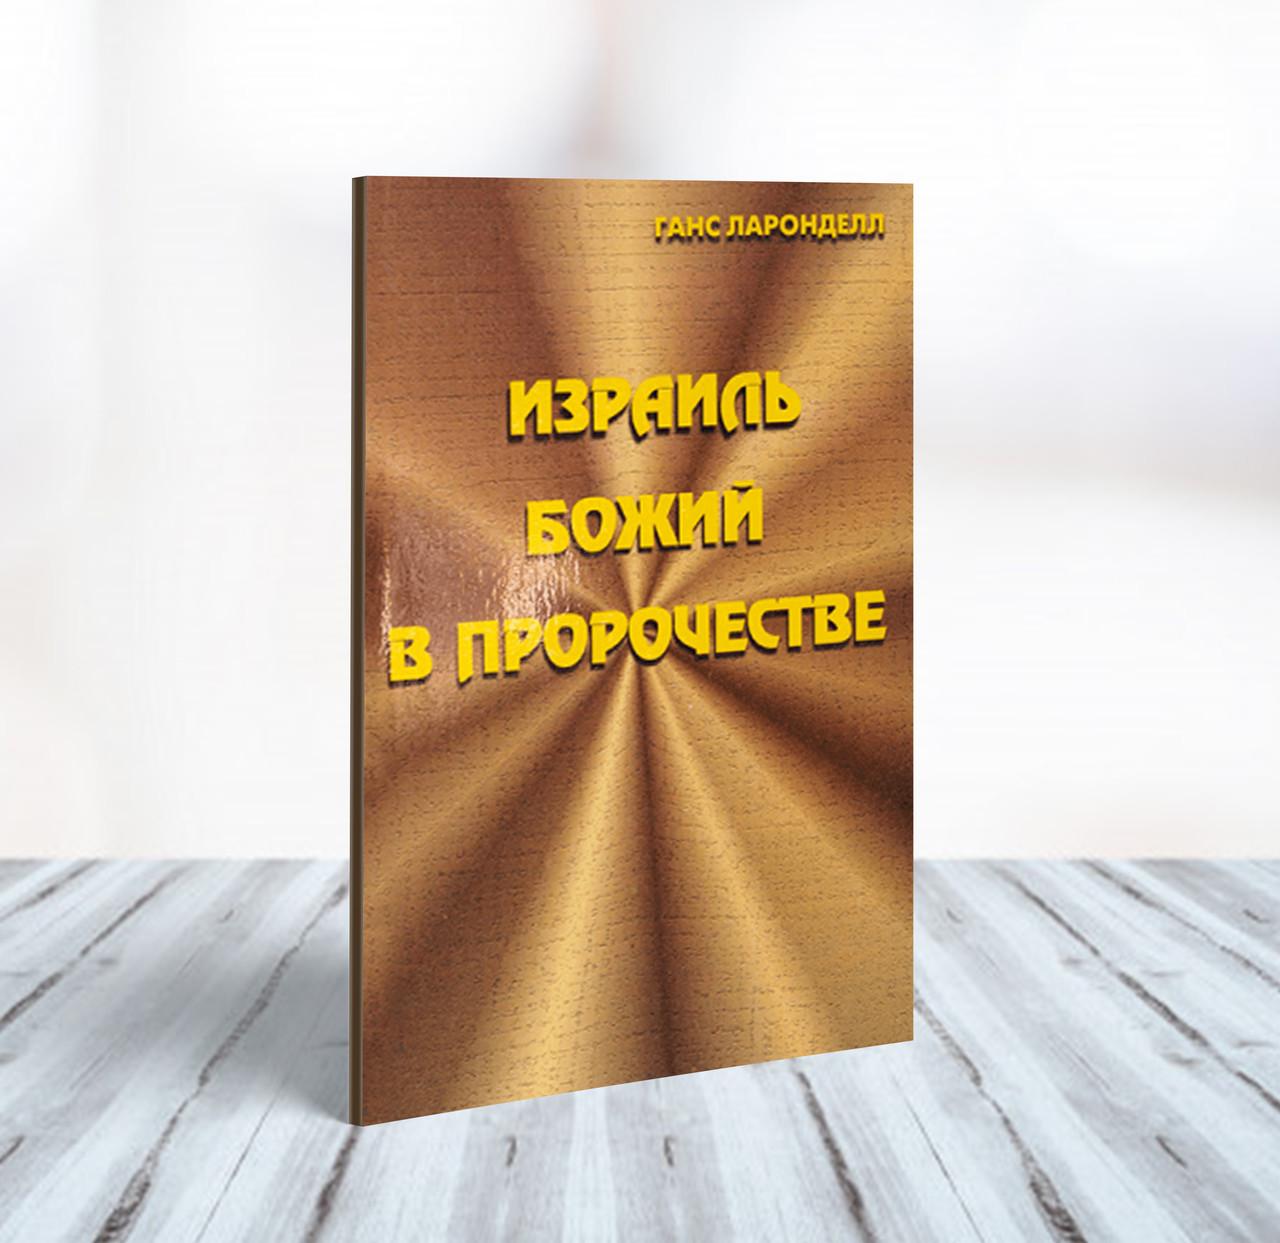 """""""Израиль Божий в пророчестве"""" Ганс Ларонделл"""